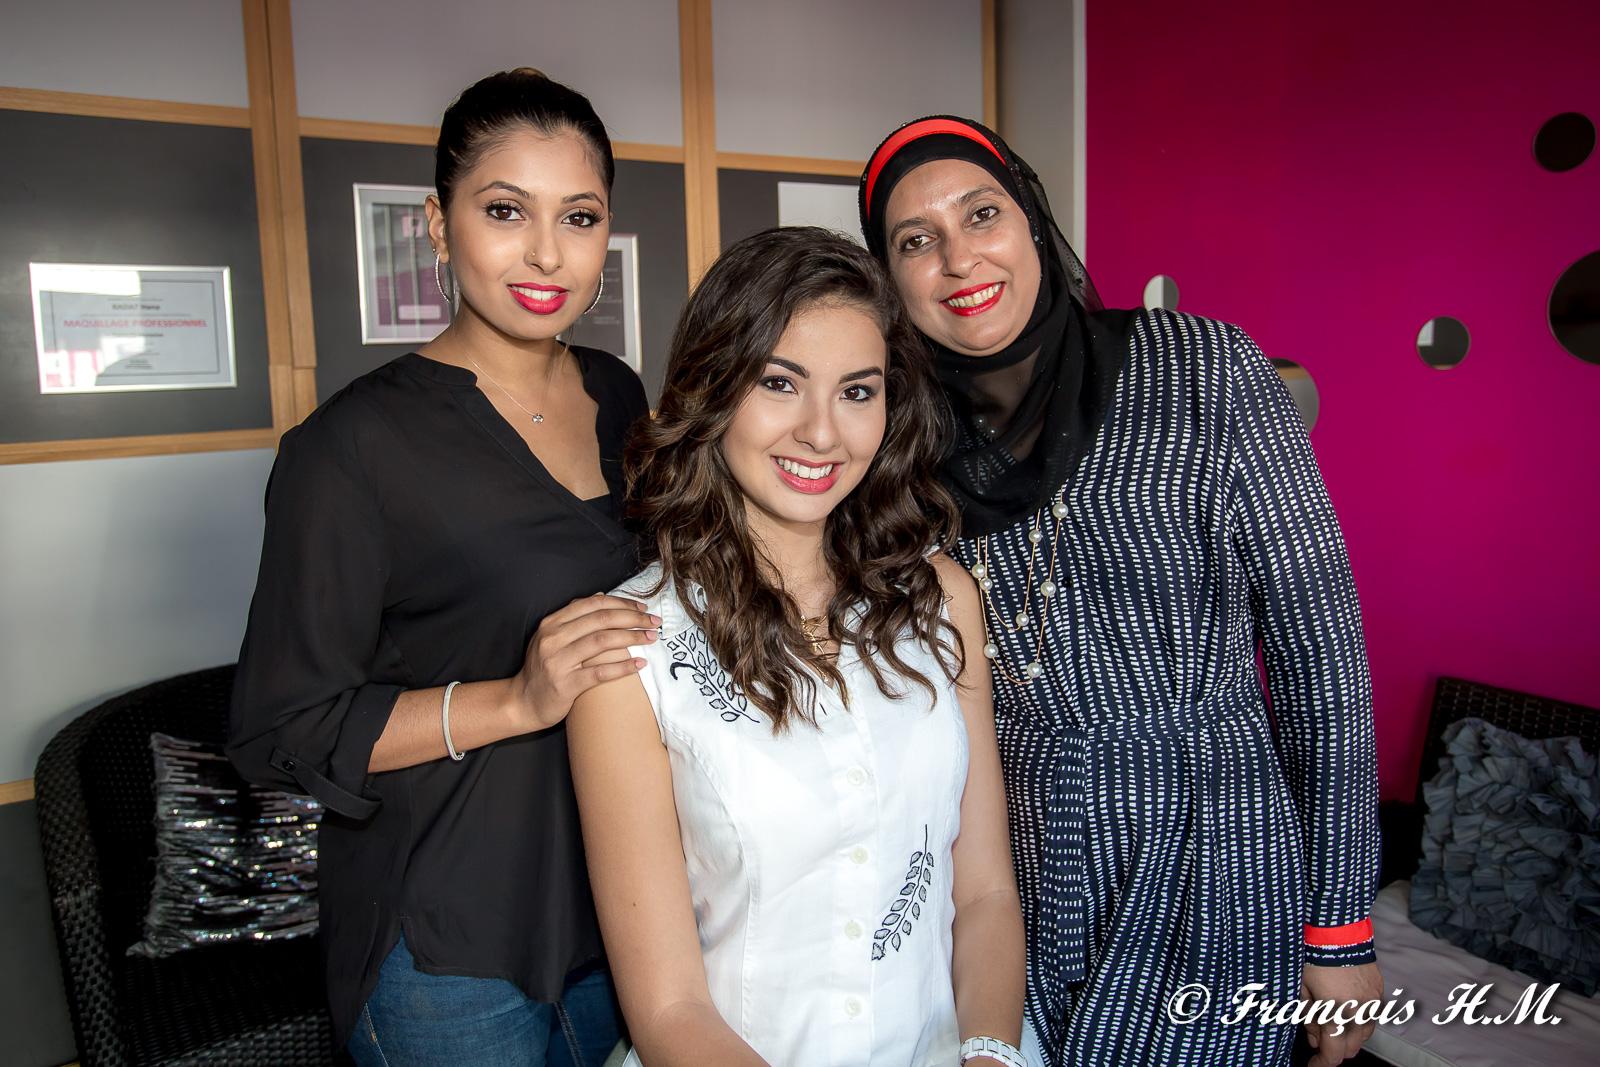 Hana Badat, Ambre N'guyen et Yasmina Badat, la maman d'Hana